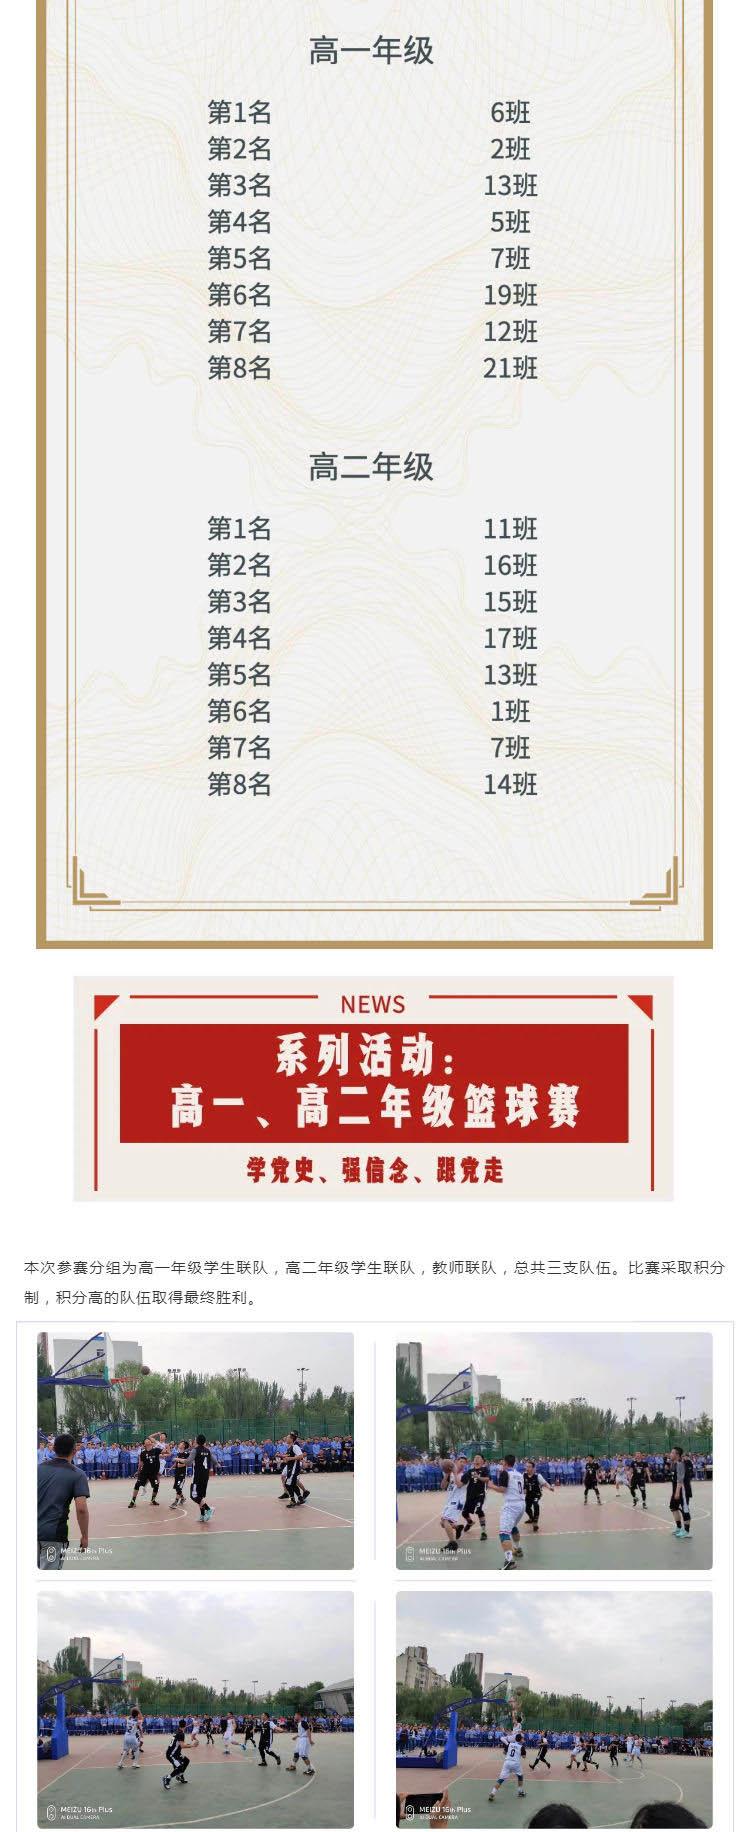 河北承德第一中学2021年校园文化体育艺术节系列勾当(二)_壹伴长图2.jpg